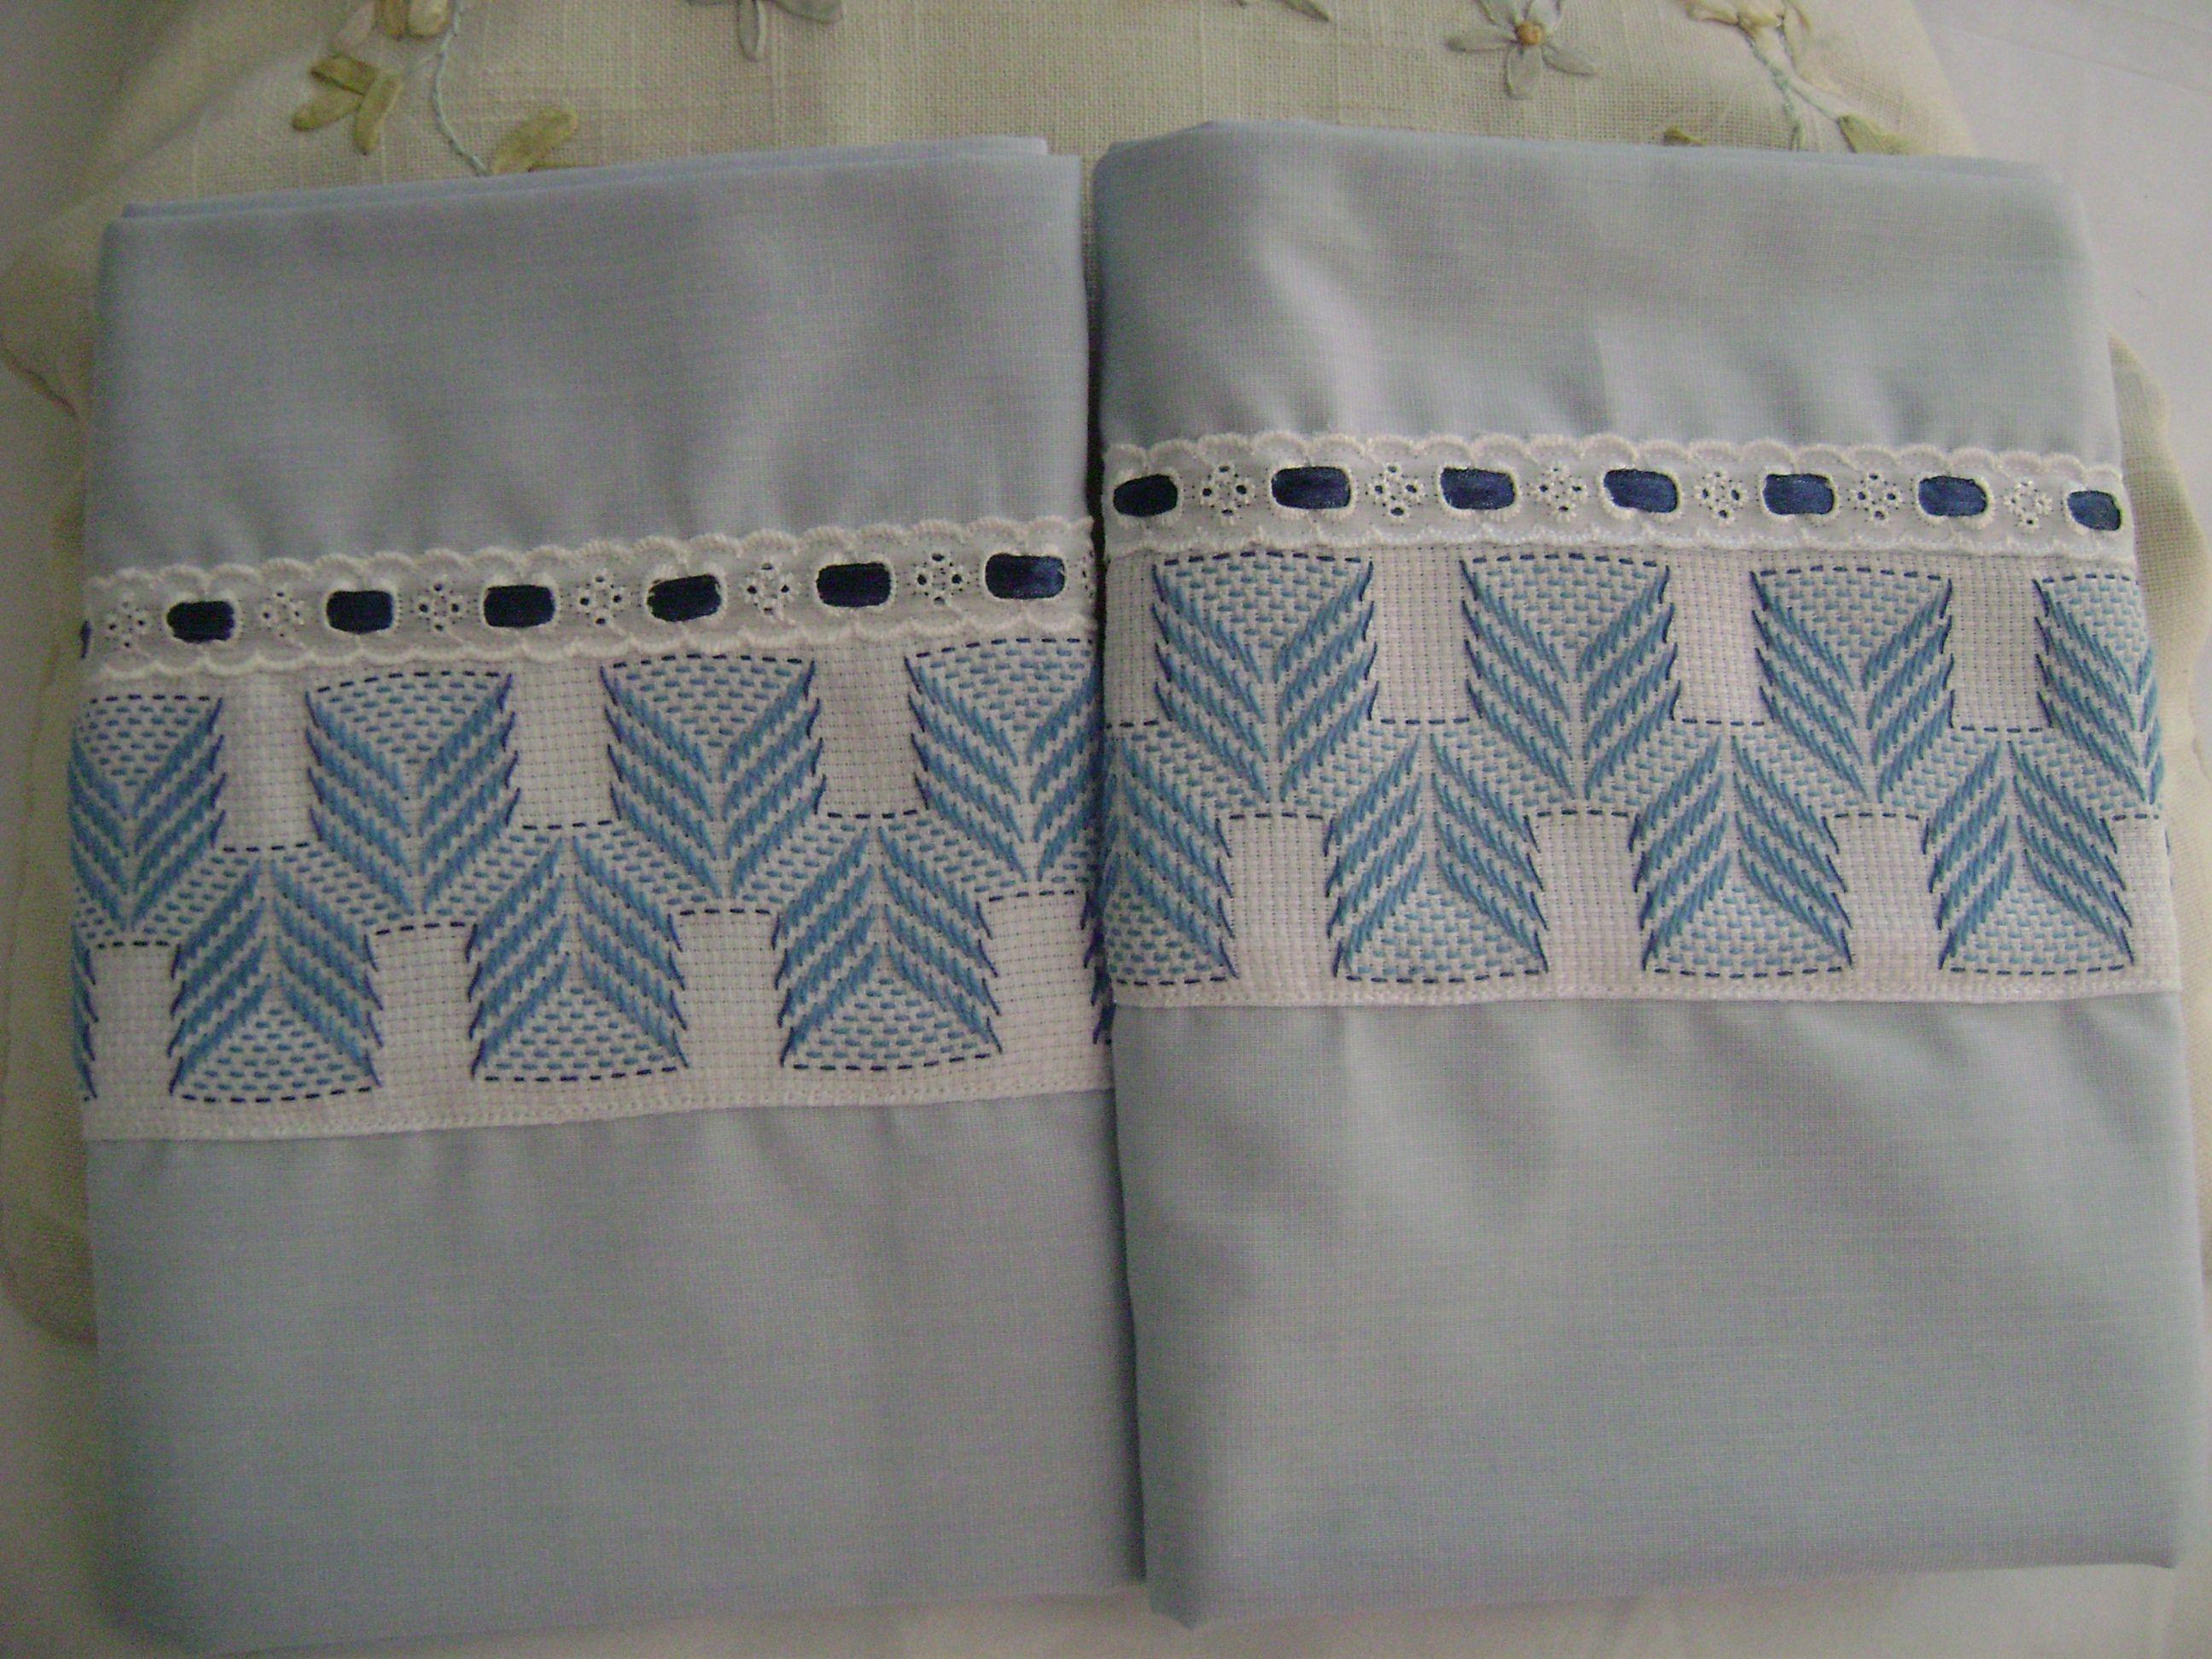 Atendiendo los pedidos de fundas para almohadas, ahora he elaborado ...